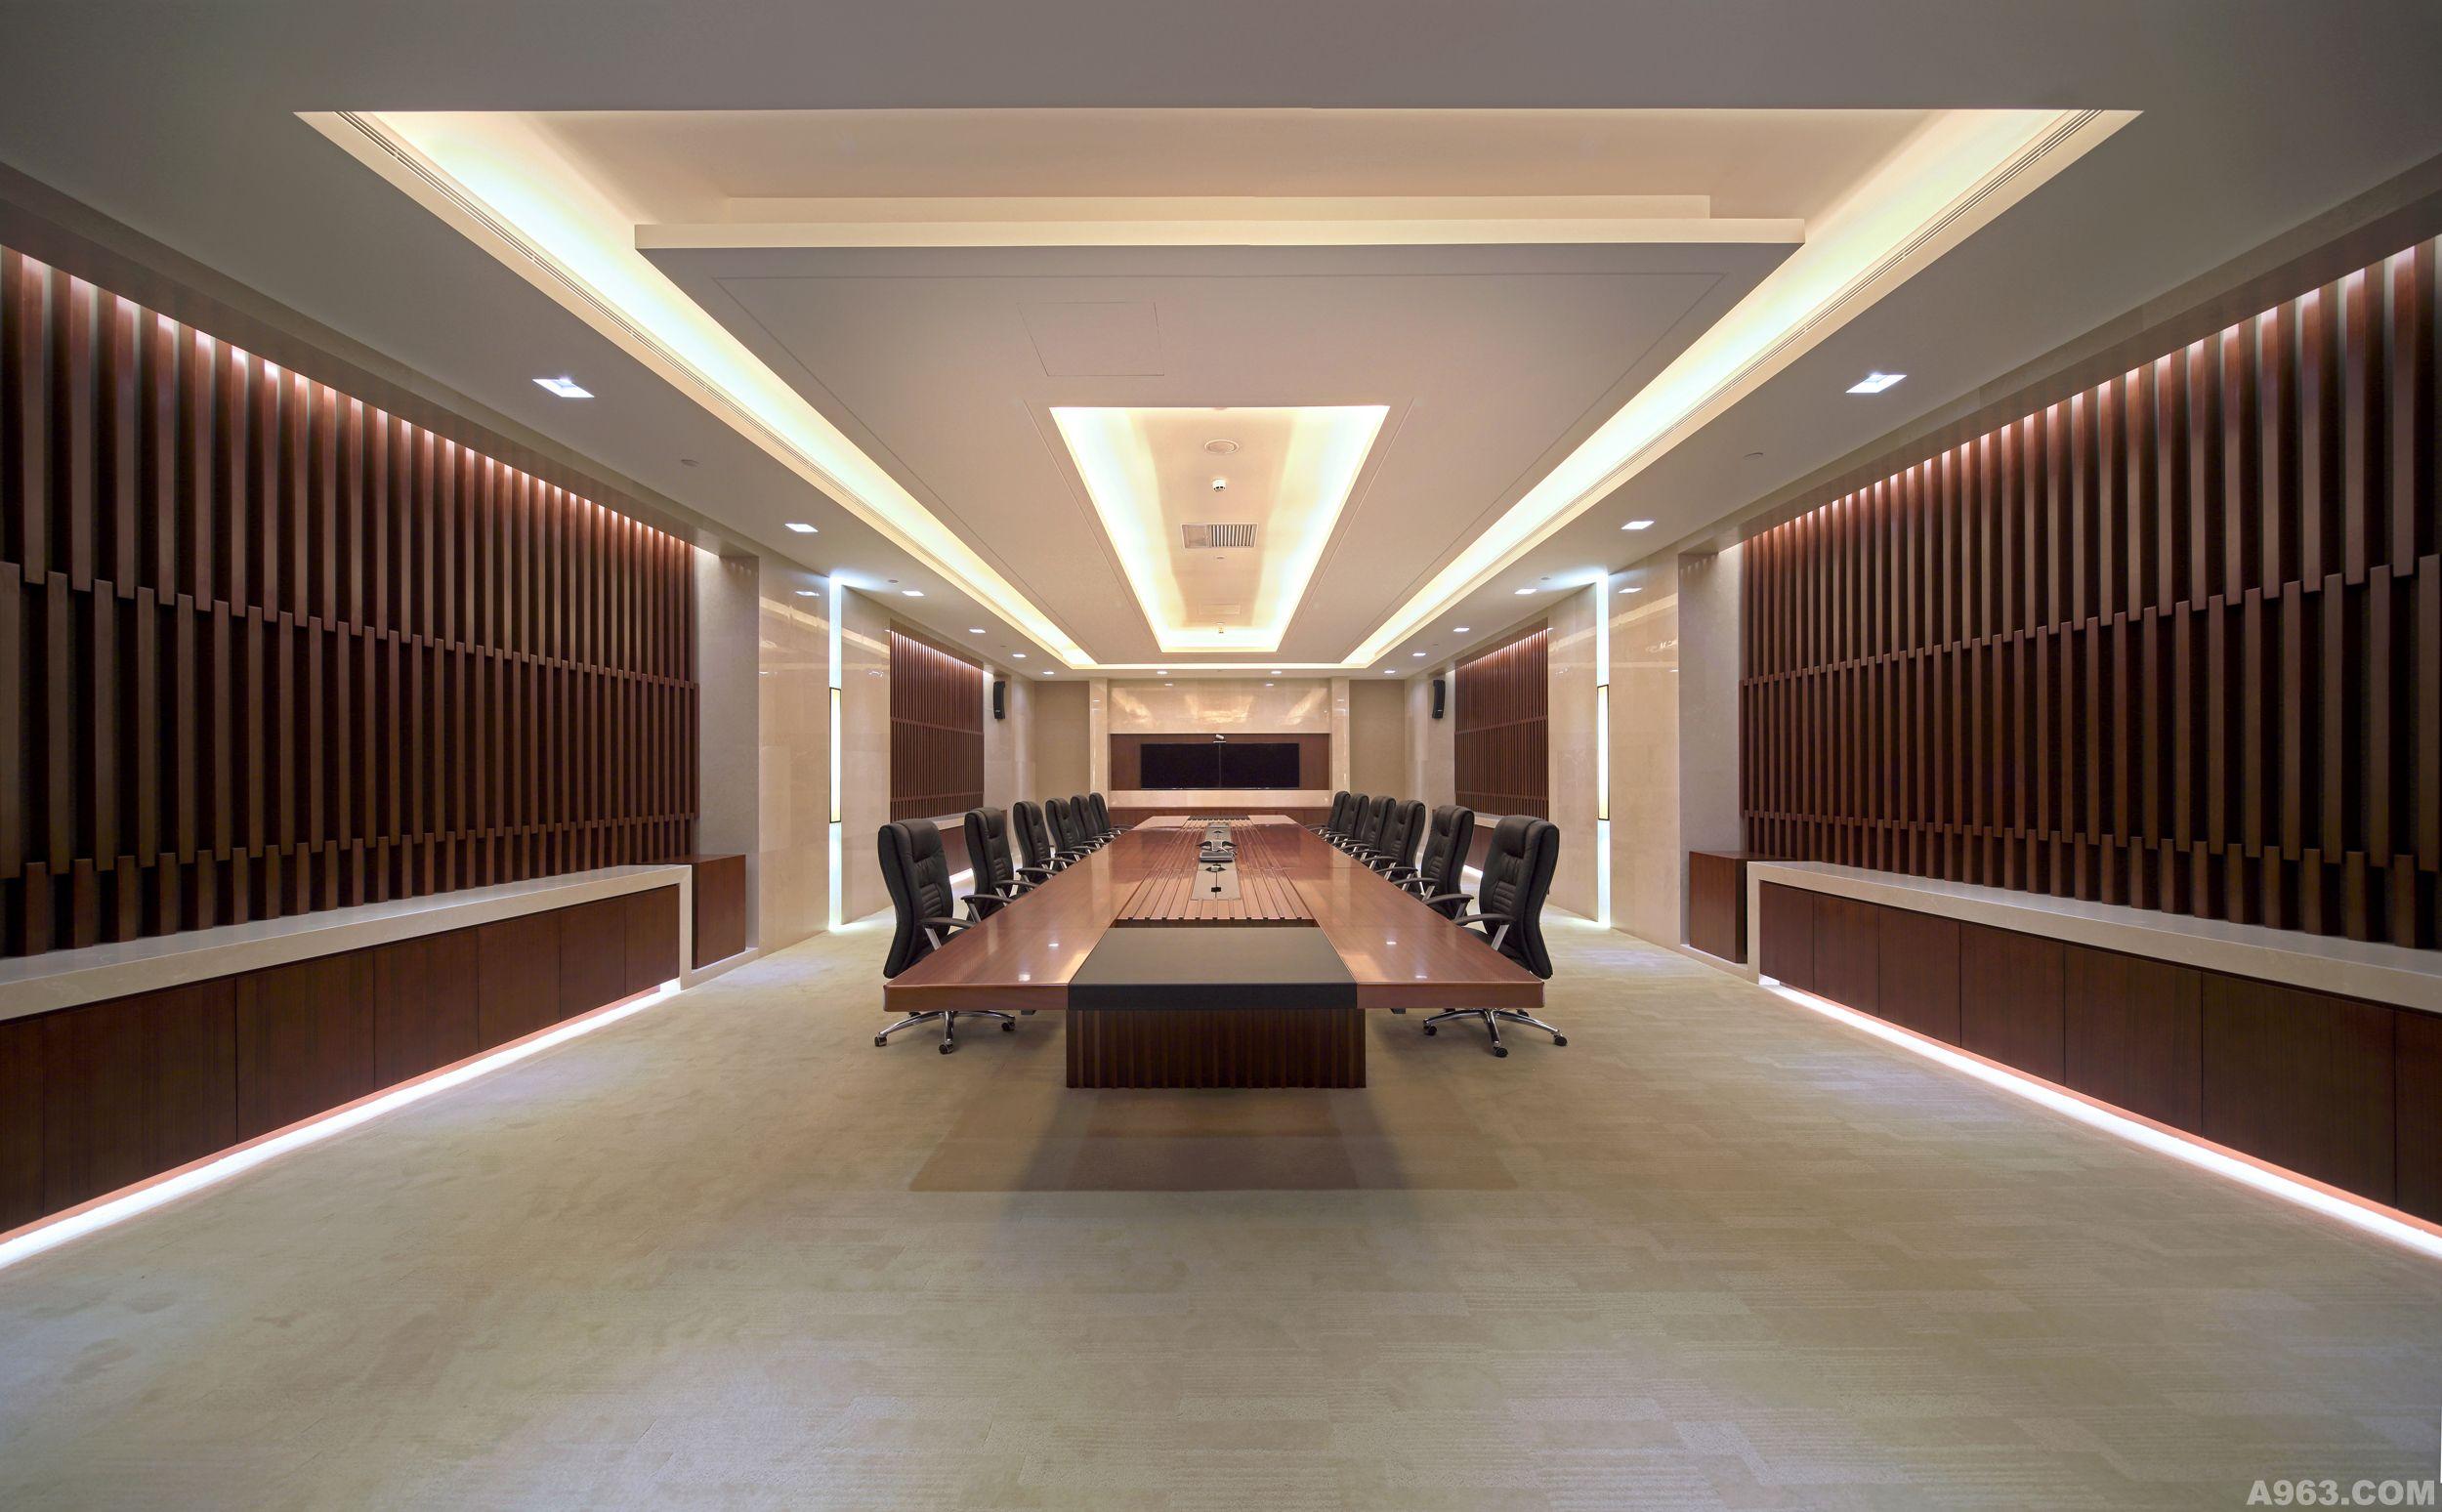 希格玛高端商务会议中心项目是用于高端会议接待所设立的。针对本次对室内部分的方案设计,我们充分研究、理解其功能性质,对功能部分做详细设计规划,完成了针对性的设计,并提供了整体的施工服务。 案例中重点强调了室内装饰风格的统一,运用简约的装饰元素,强调大体块的排列与组合,使空间显得统一、现代、庄重。入口处通过木质体块与钢化玻璃穿插,通过灯光的照射,产生出整体造型大气磅礴的视觉感受。前厅作为一个接待的重要空间,它担负着接纳与流通的主要责任,因此在设计整体把握上,力求简洁明快,突出整体感,天然石材不同规格的铺设,本